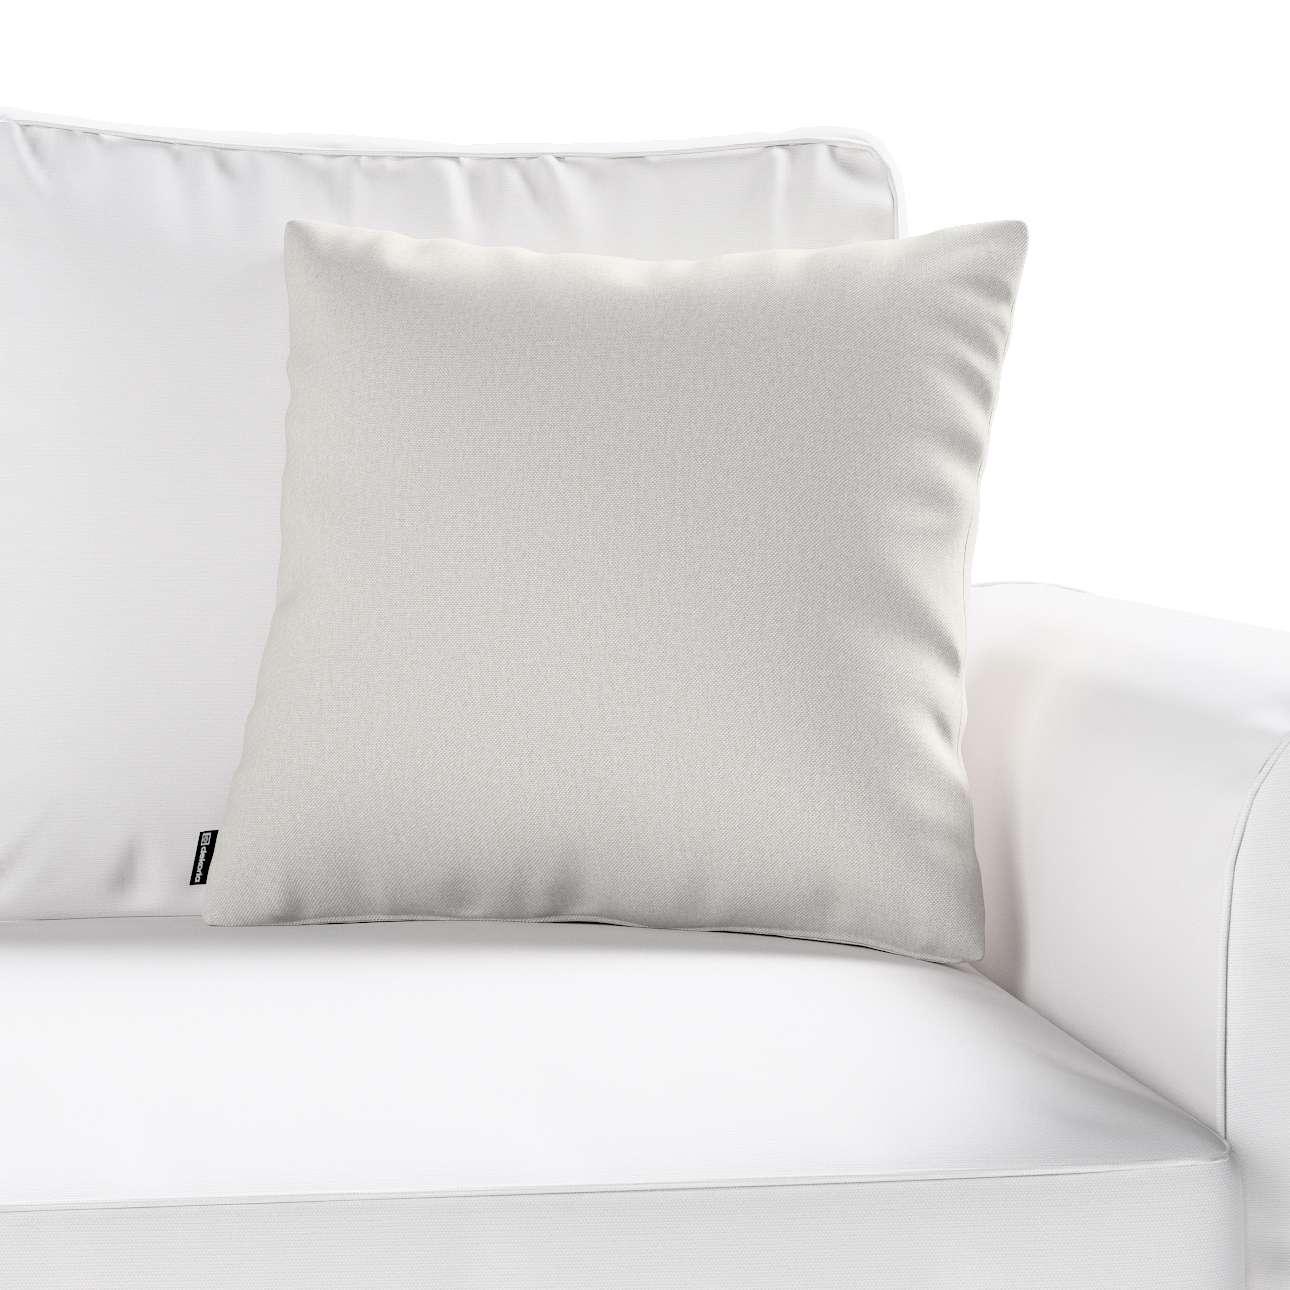 Poszewka Kinga na poduszkę w kolekcji Etna, tkanina: 705-90